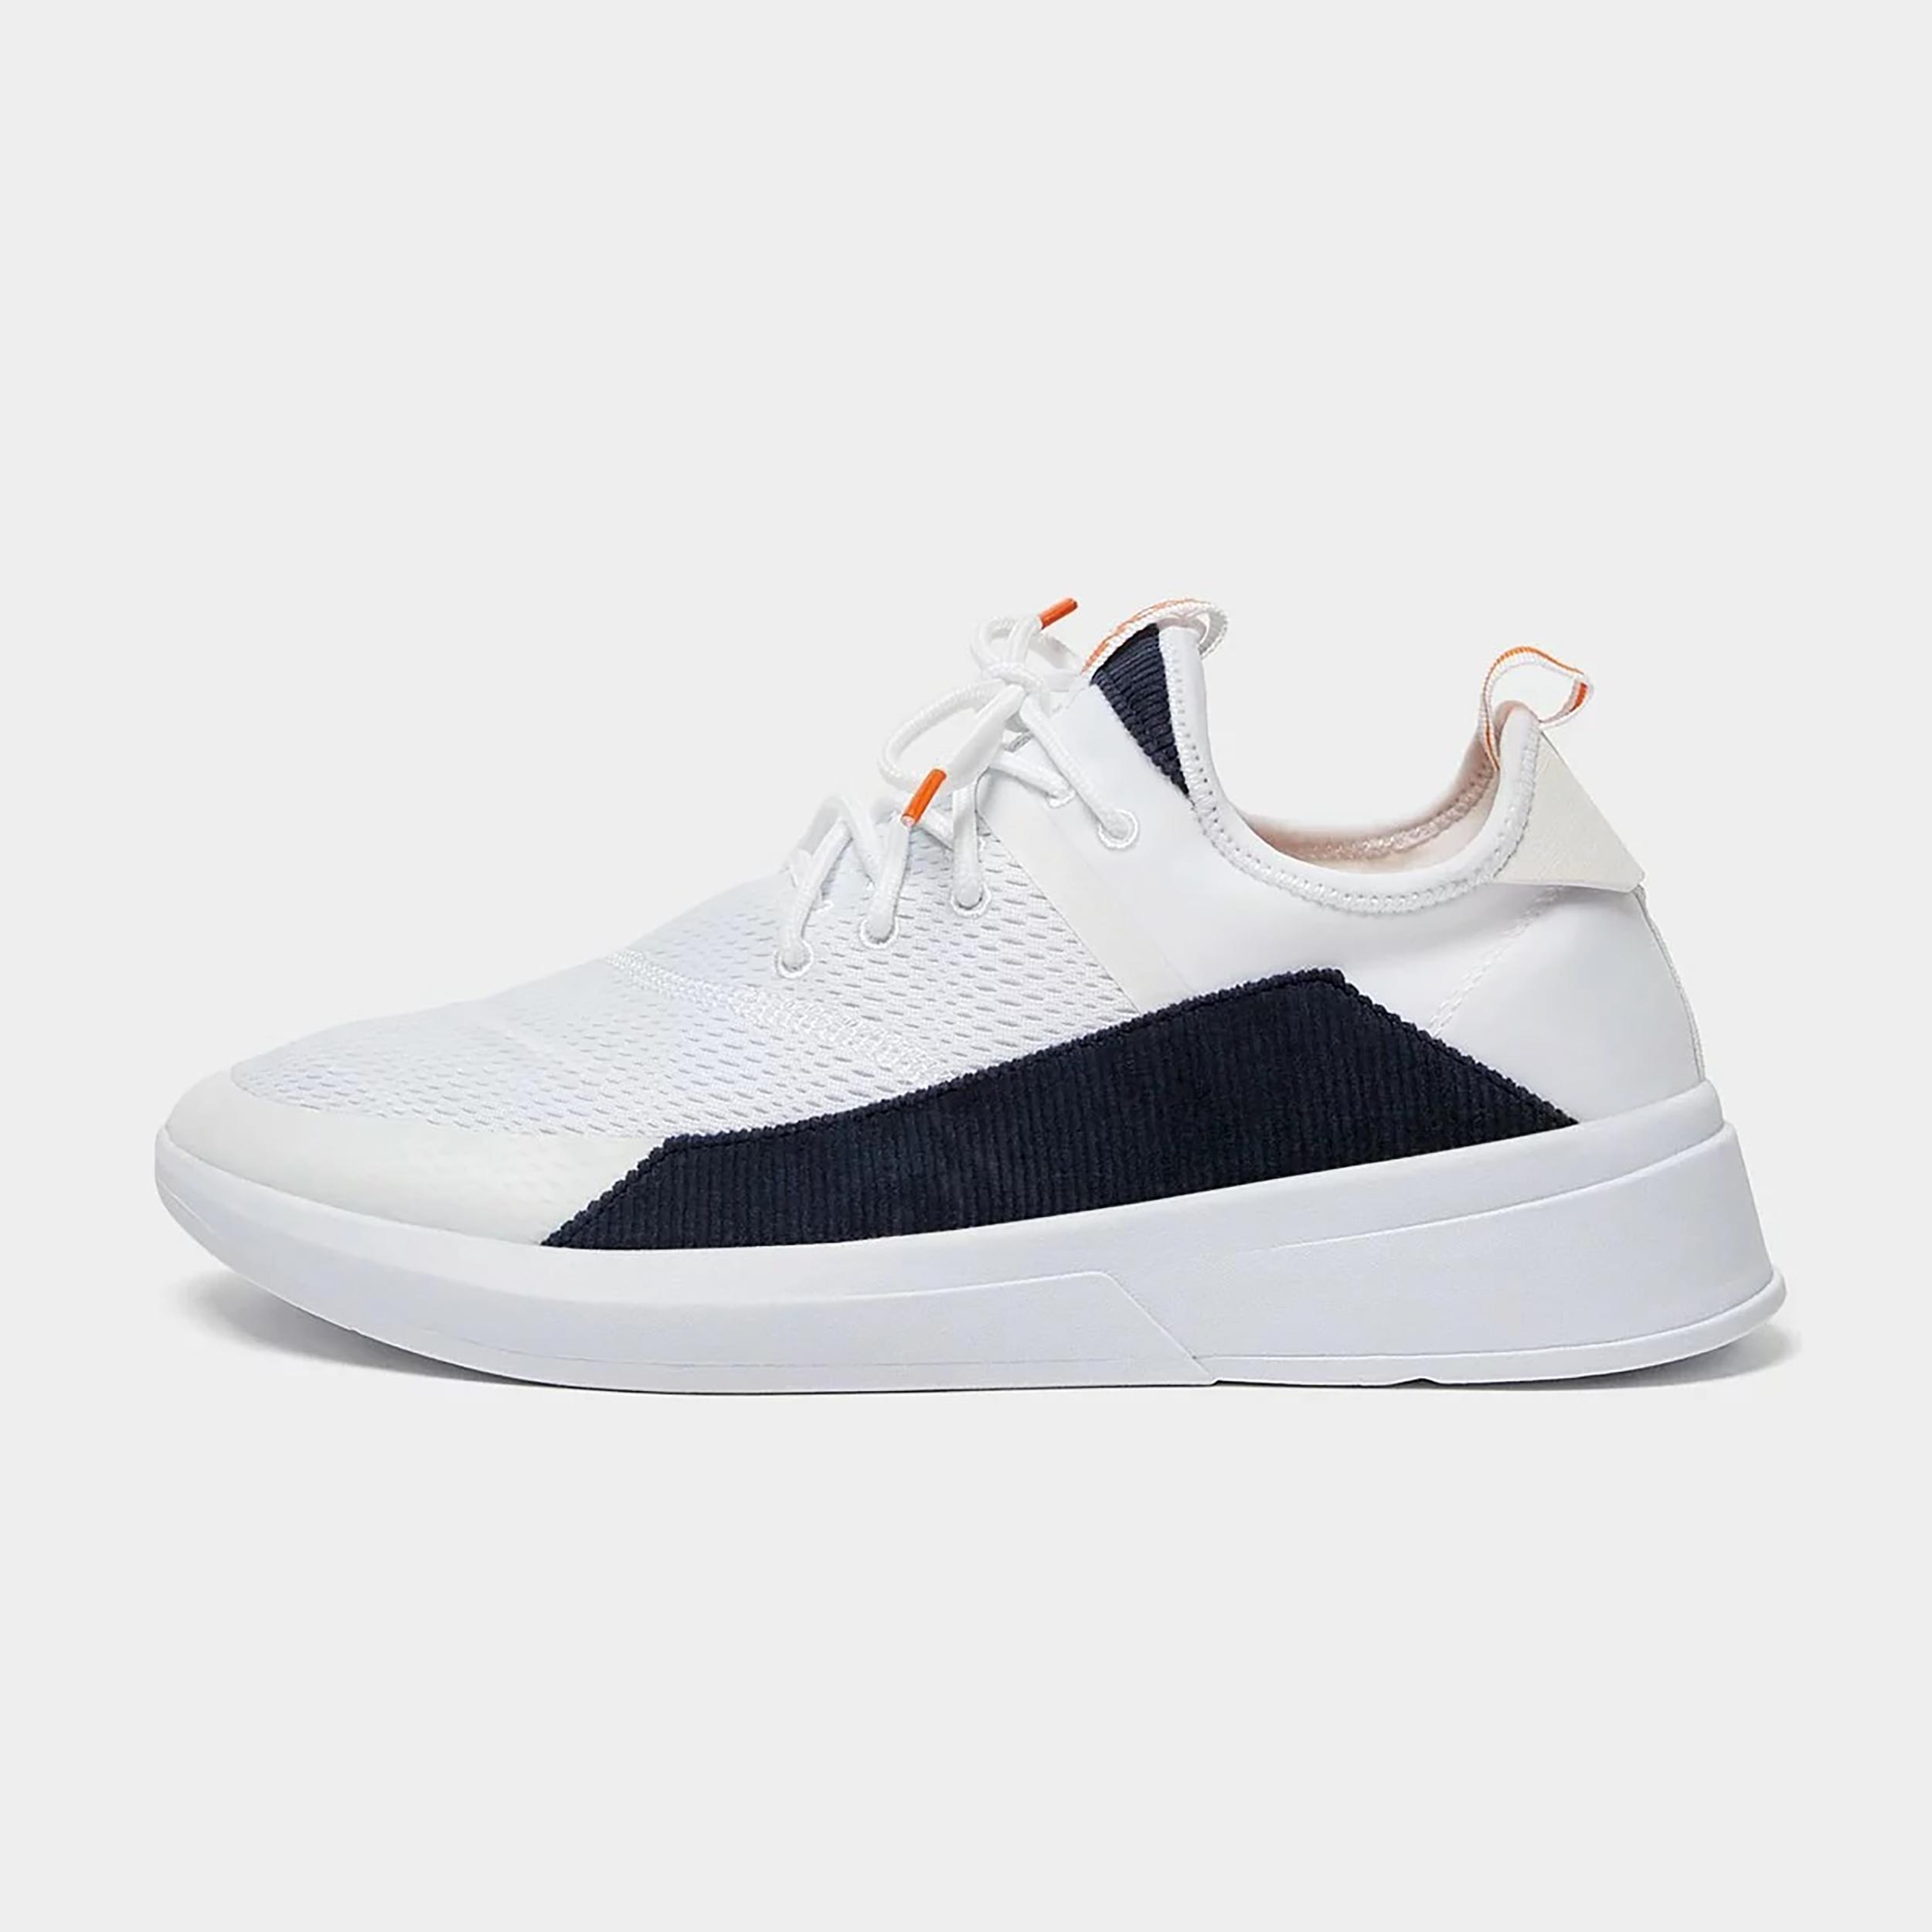 کفش پیاده روی مردانه پول اند بیر مدل XDYE